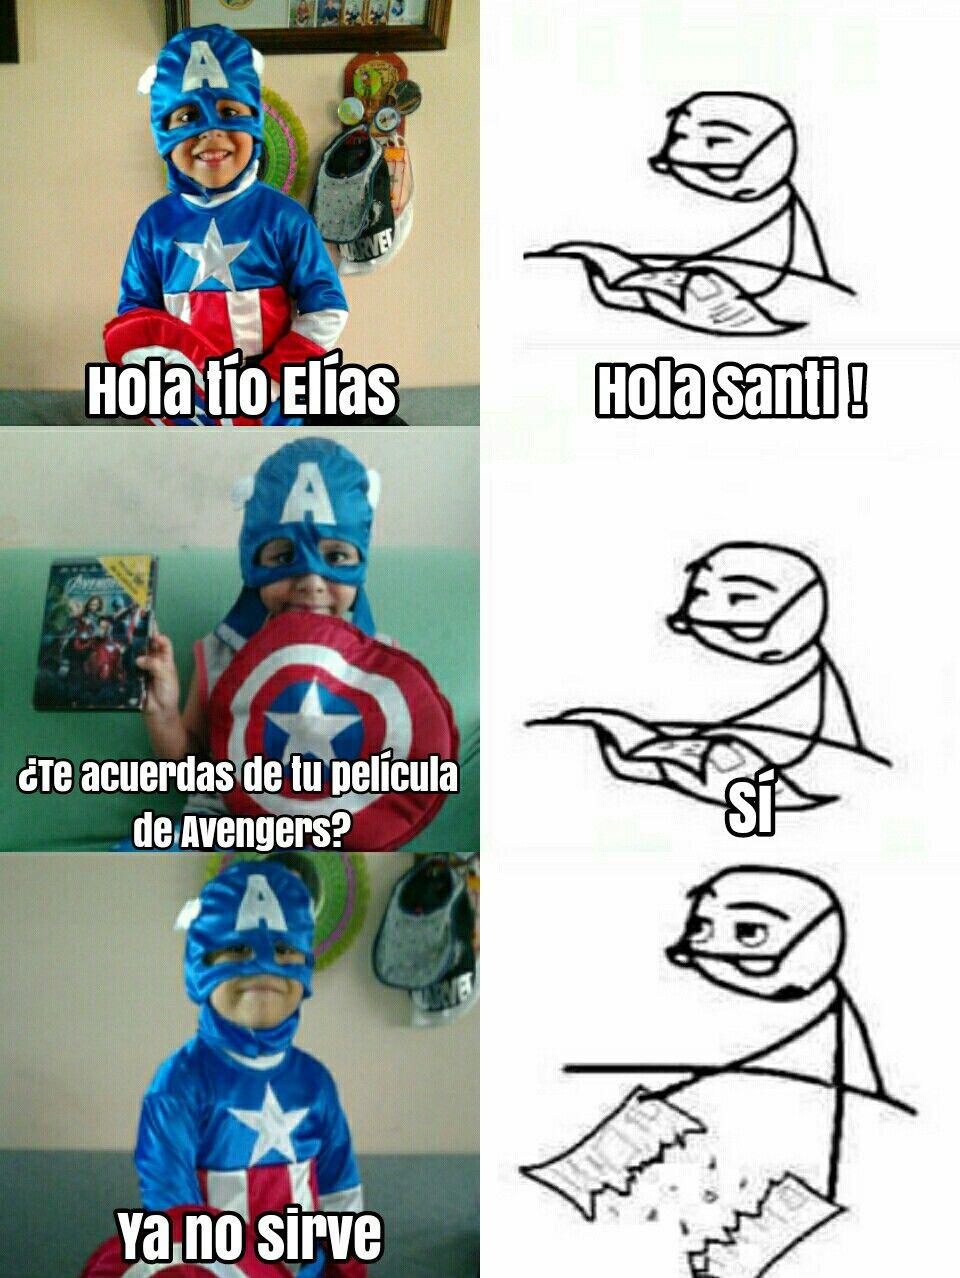 Hola Santi 😊